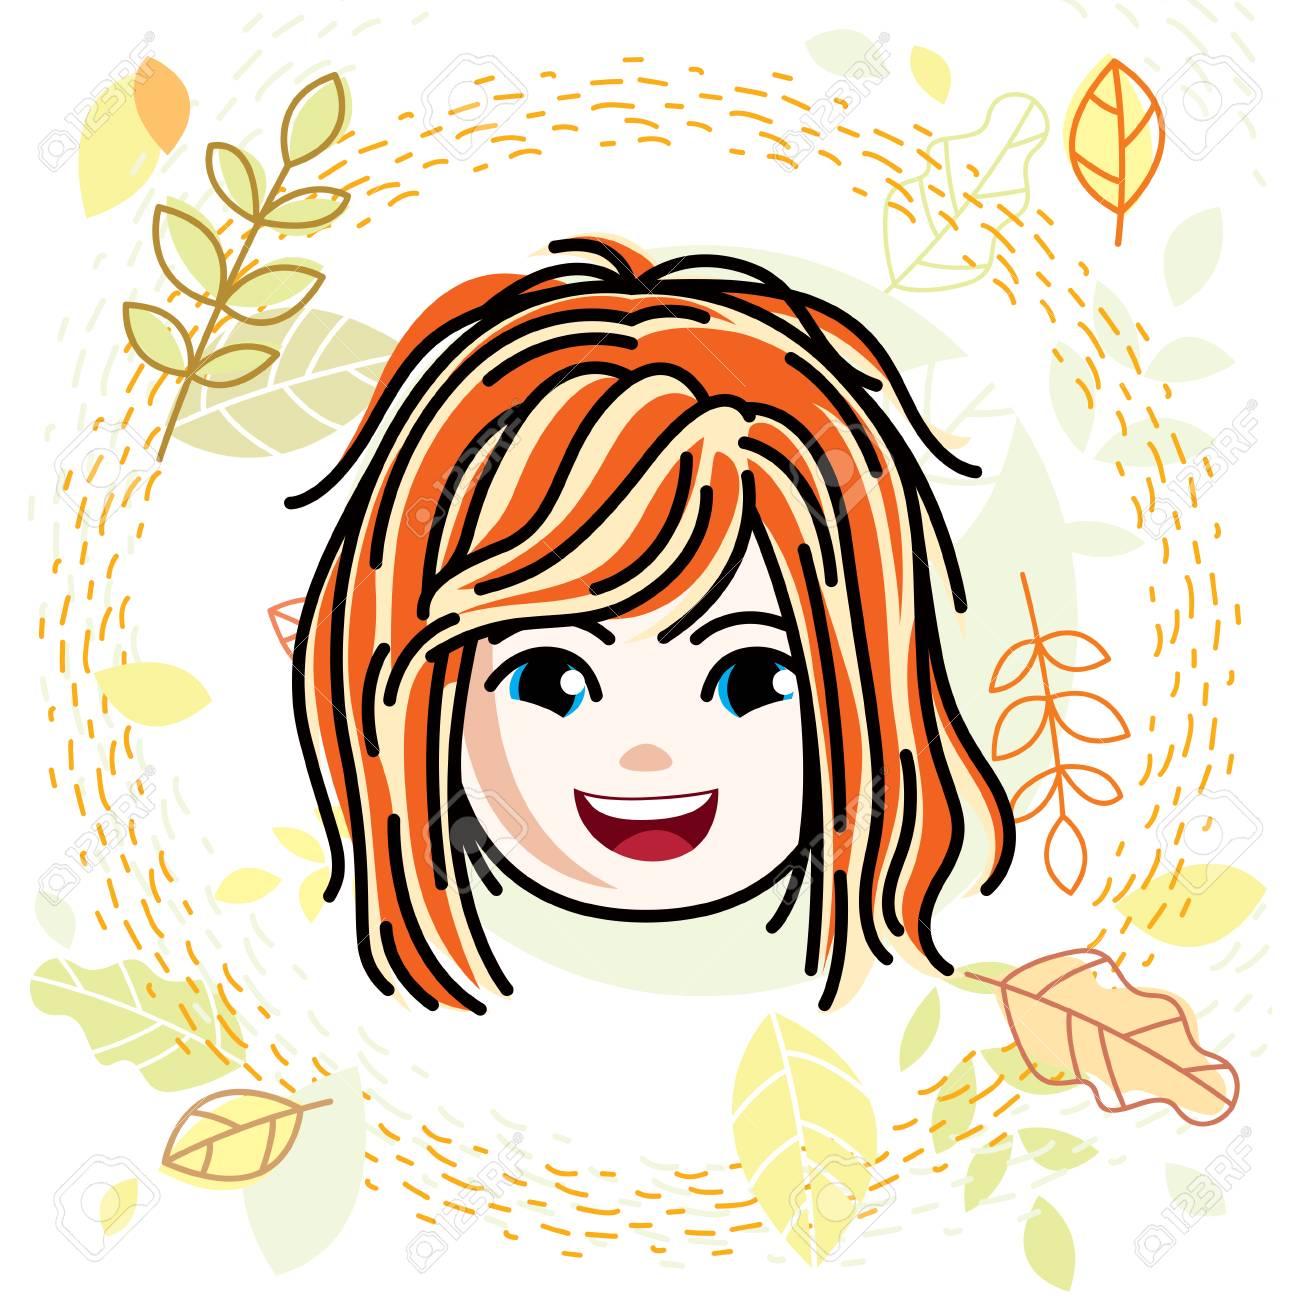 かわいい女の子の顔頭部笑顔の女の子の顔の特徴ベクトル赤毛文字